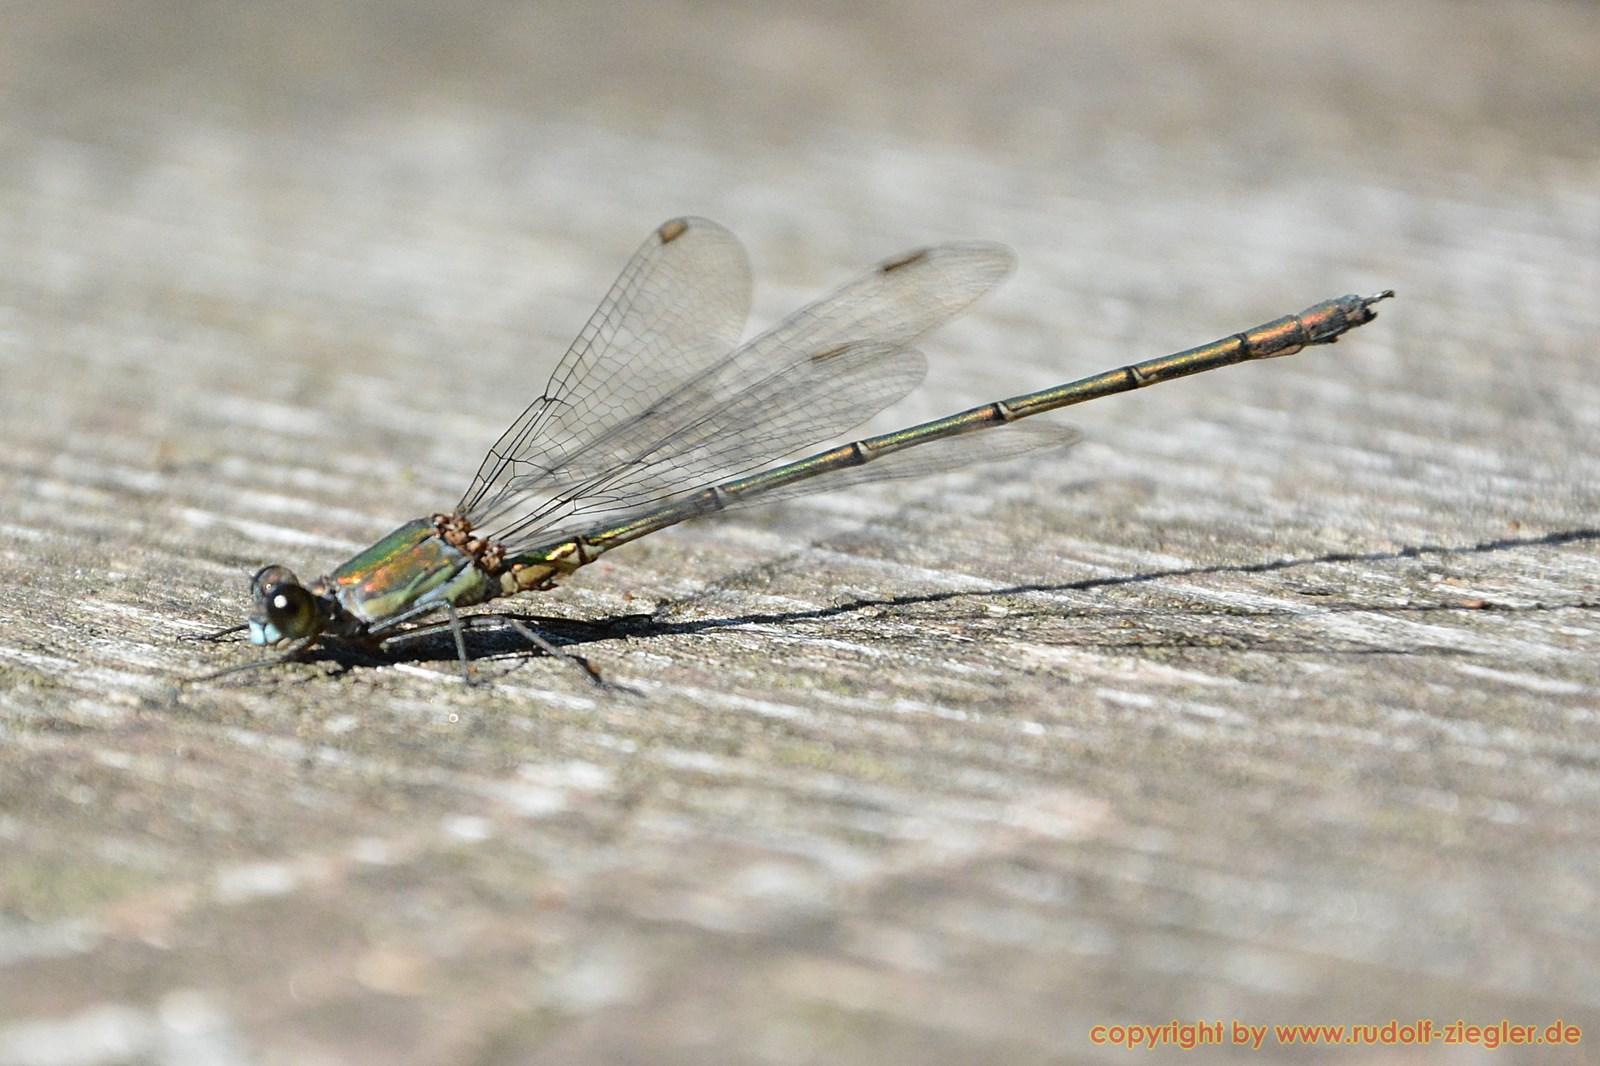 Fichtelsee - Libellen 036-A-S [1600x1200]